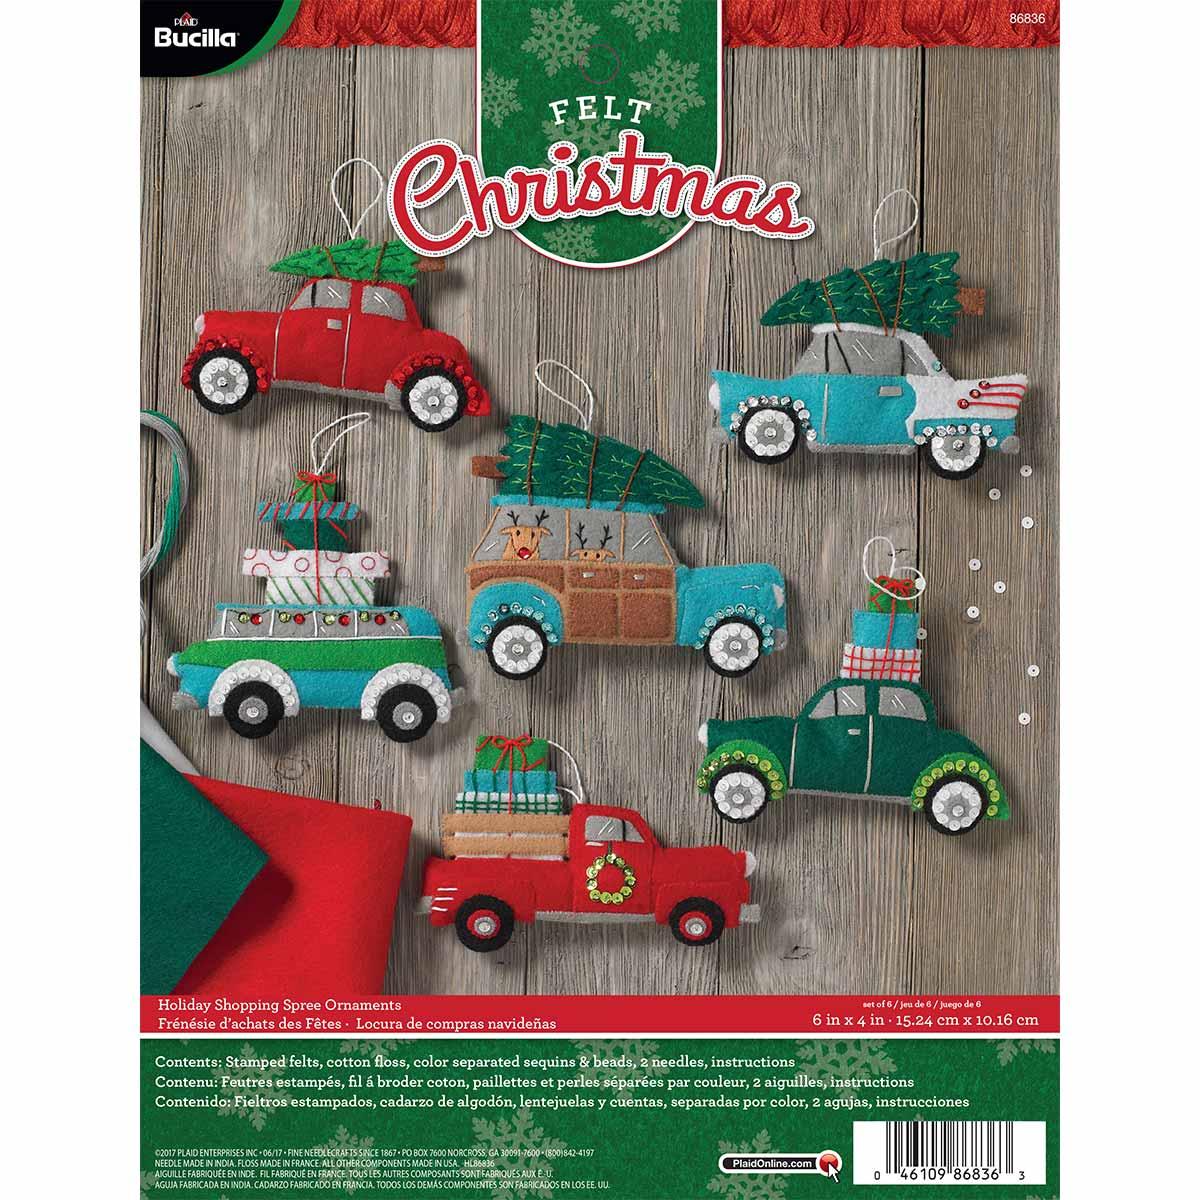 Bucilla ® Seasonal - Felt - Ornament Kits - Holiday Shopping Spree - 86836